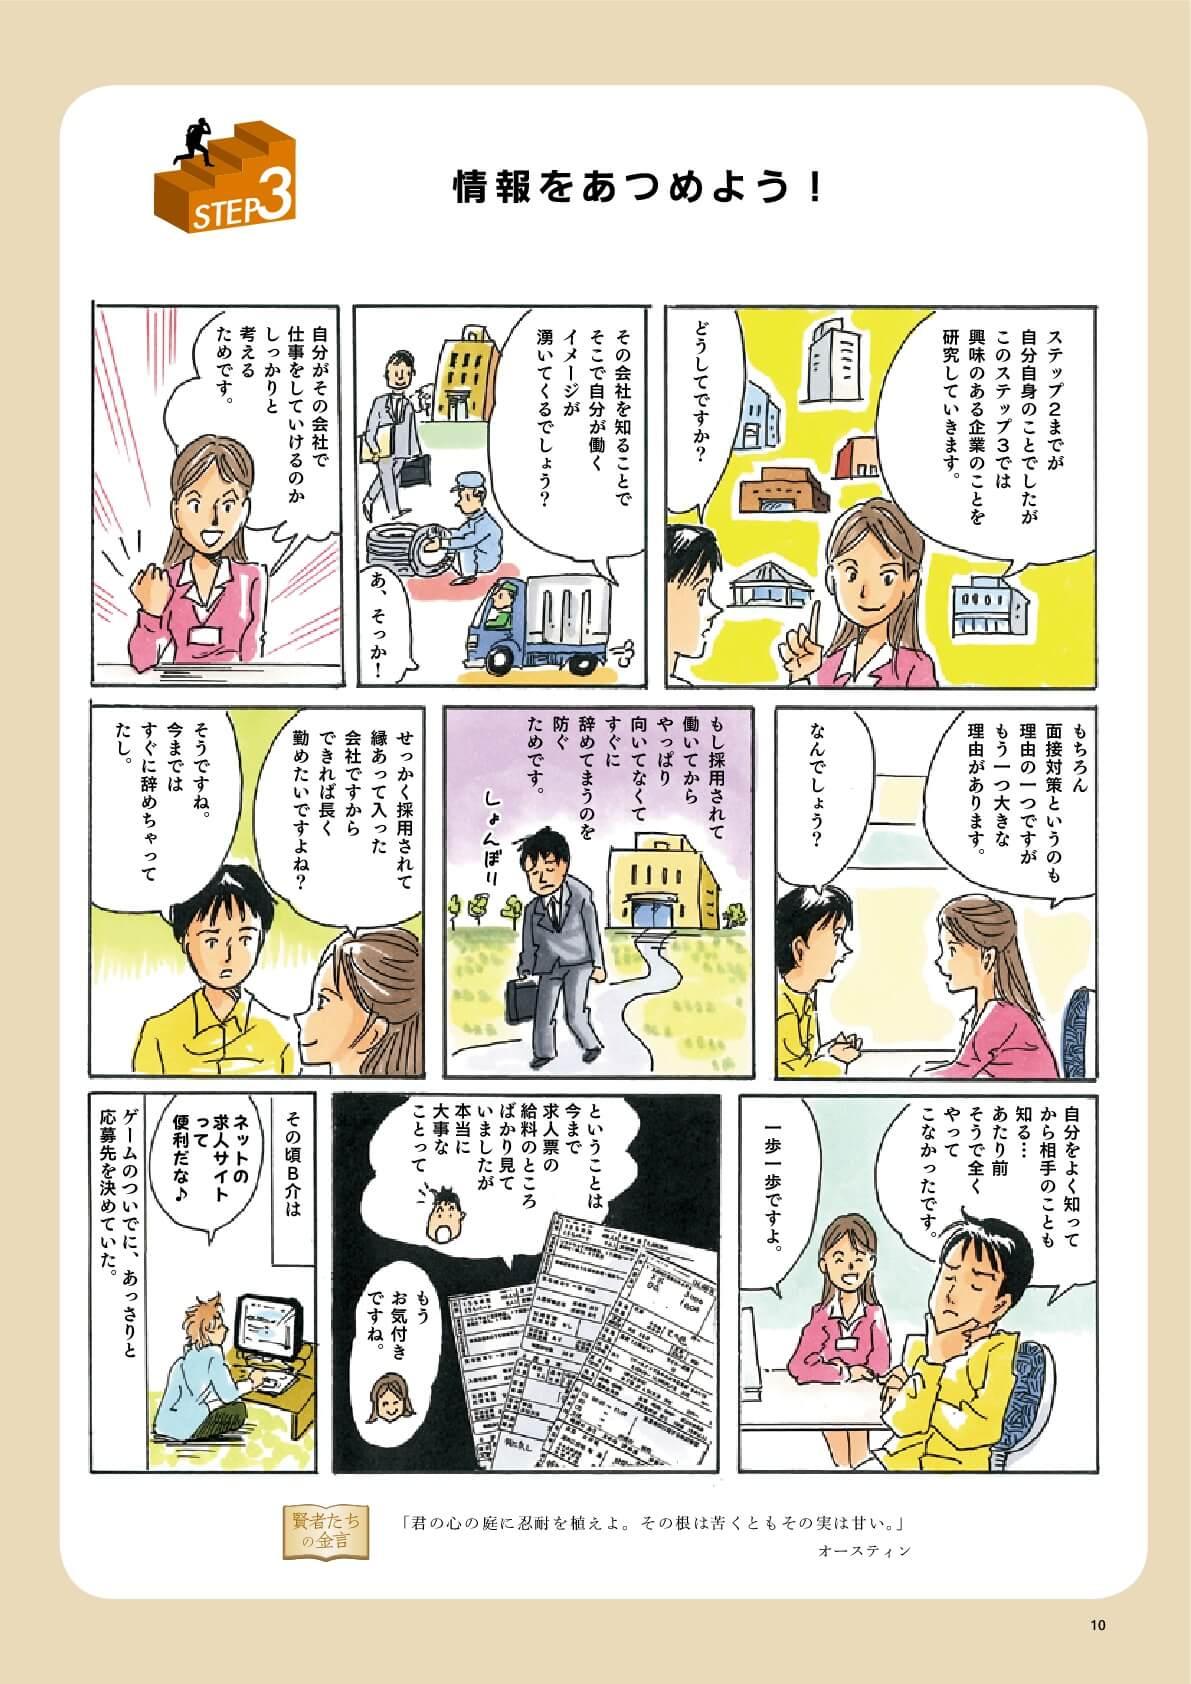 漫画:情報を集めよう